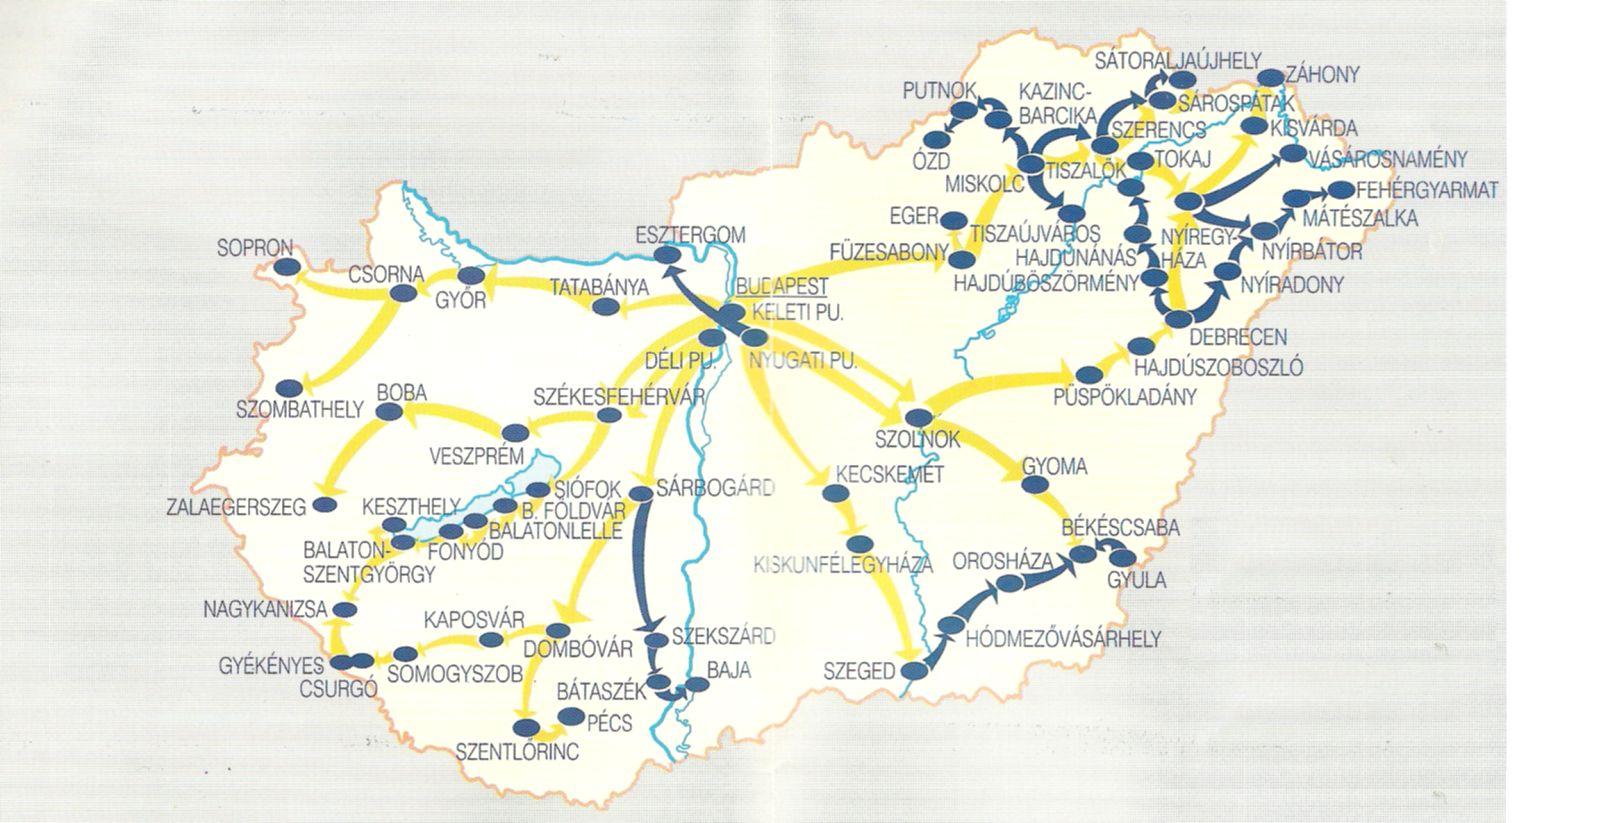 magyarország térkép dombóvár Közlekedési földrajz | SuliTudásbázis magyarország térkép dombóvár